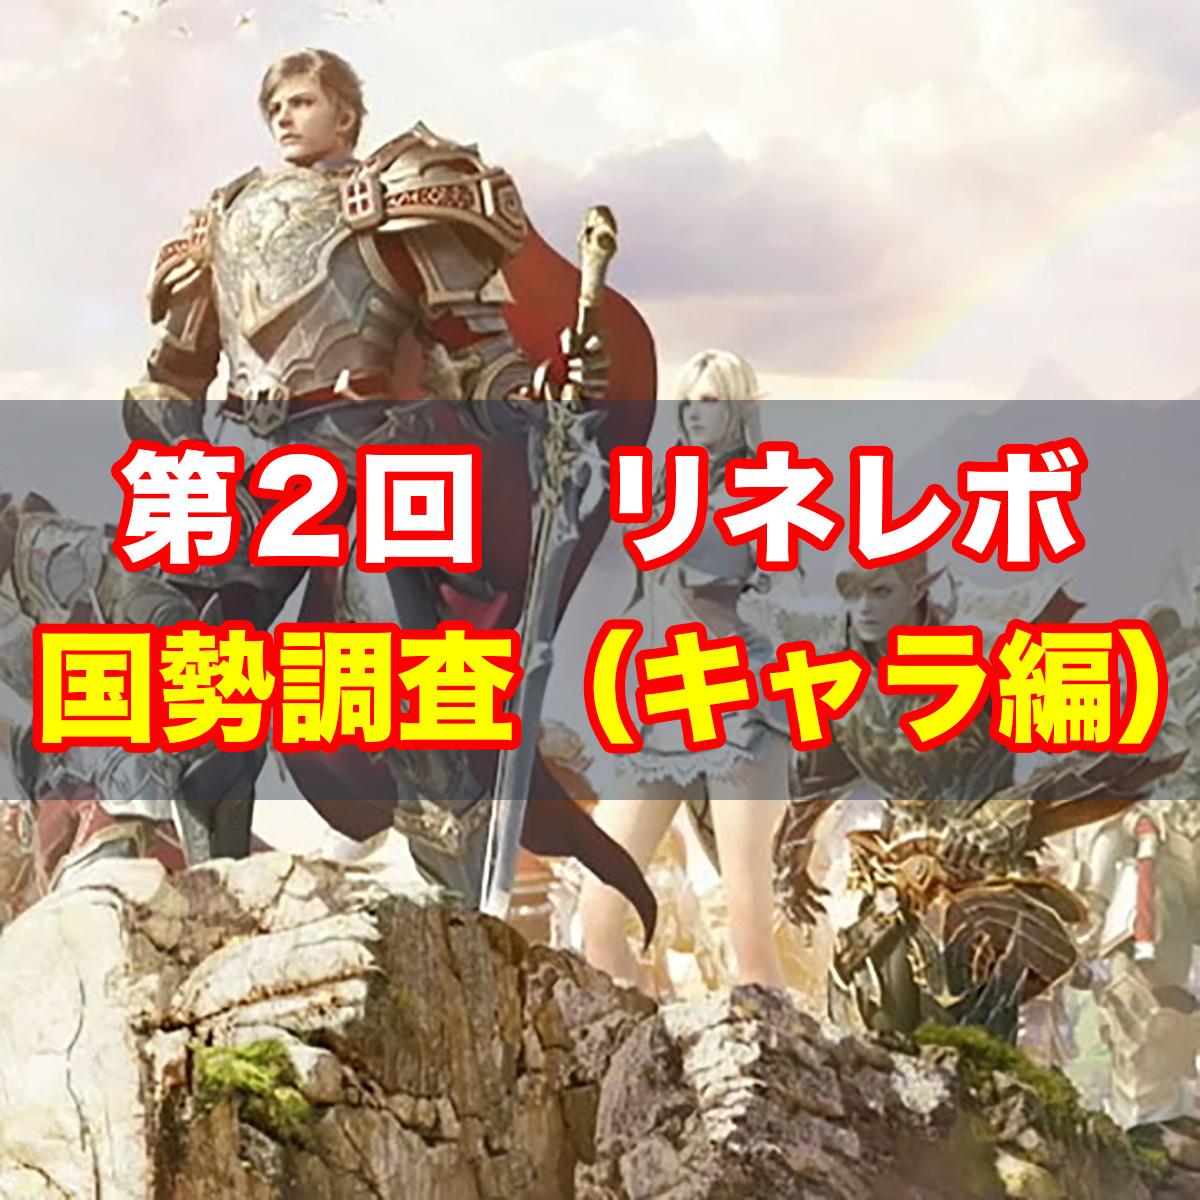 第2回 リネレボ 国勢調査(キャラ編)